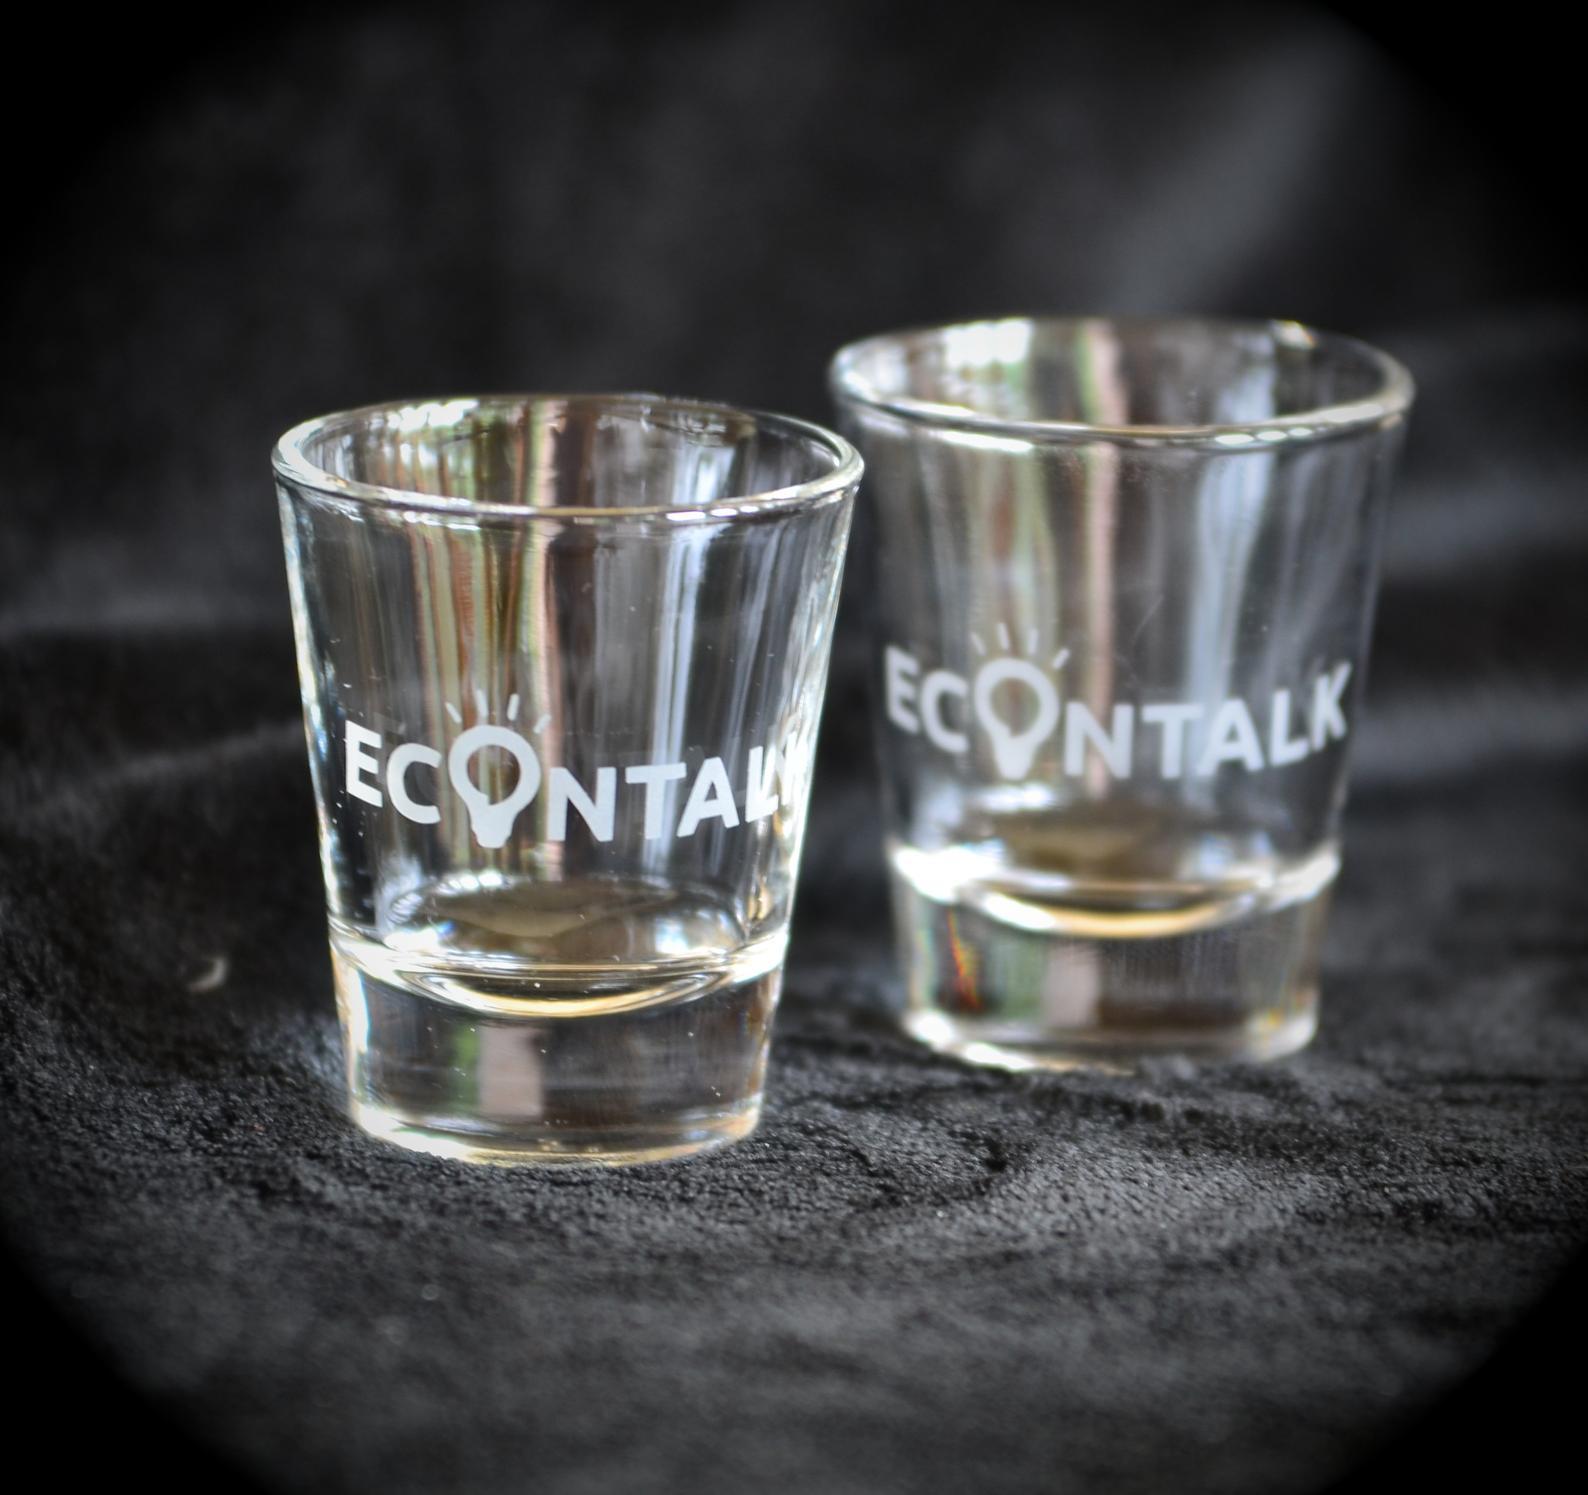 EconTalk Shot Glasses